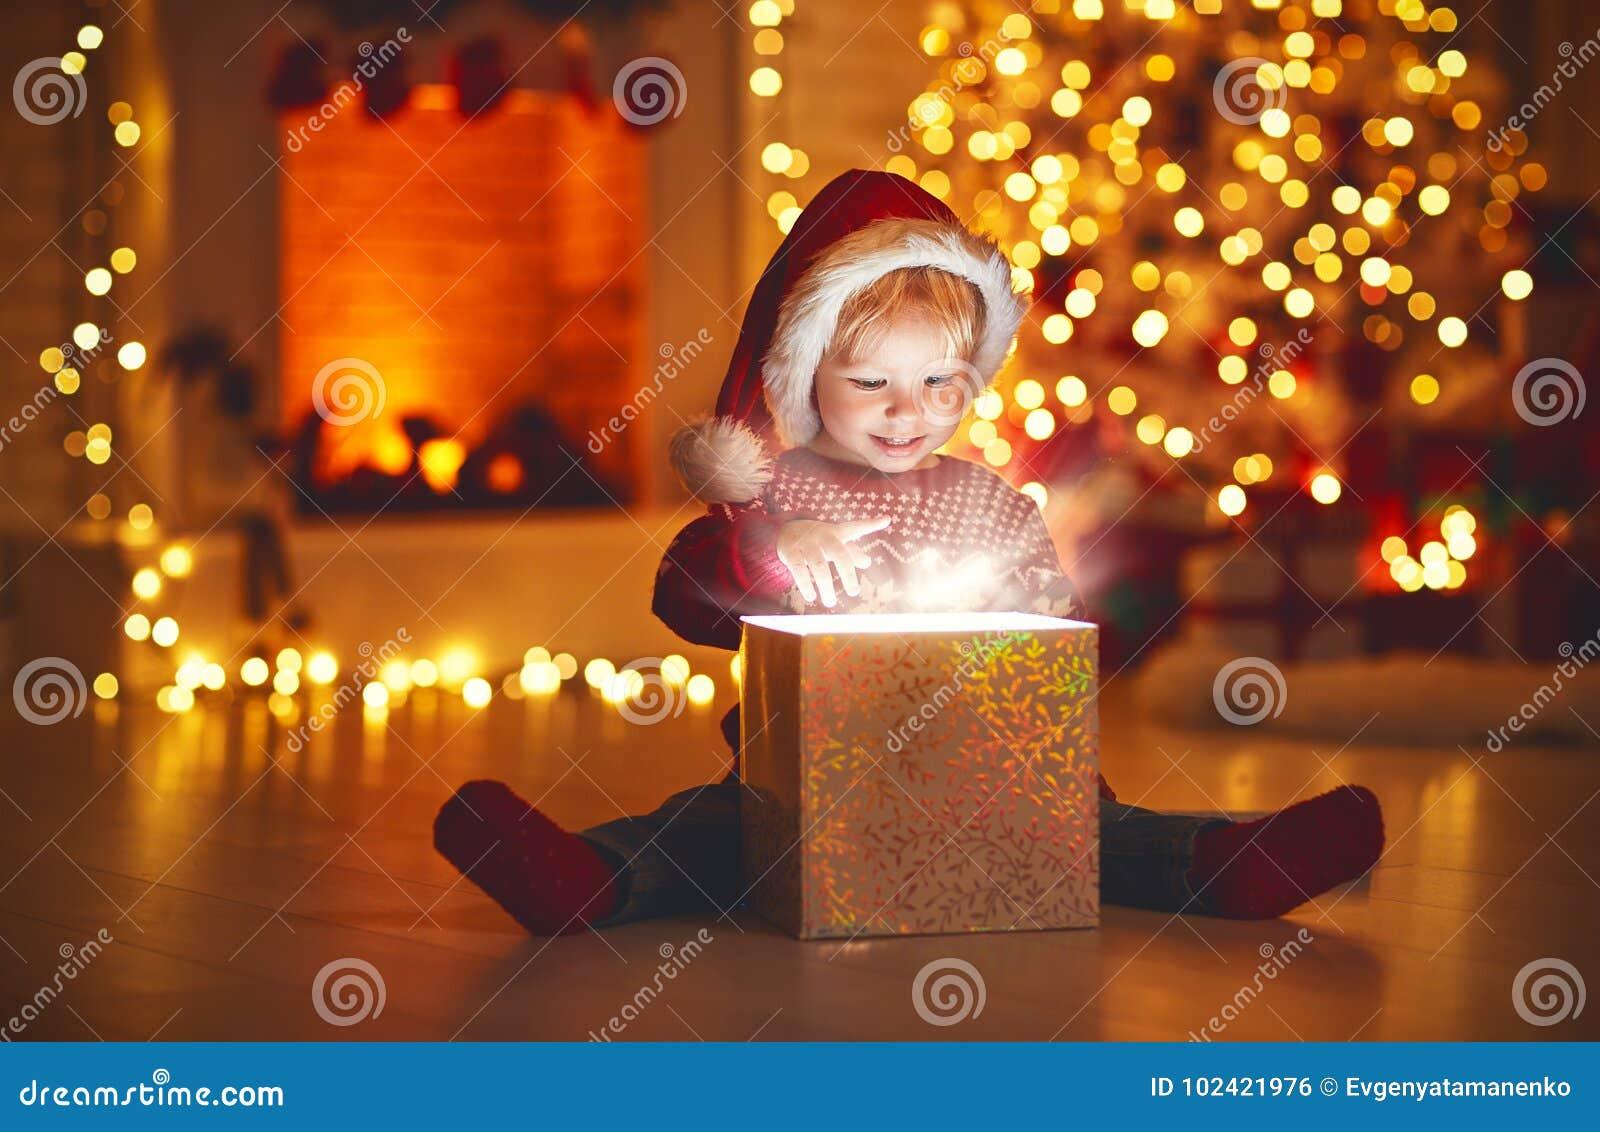 Feliz Natal! bebê feliz com presente mágico em casa